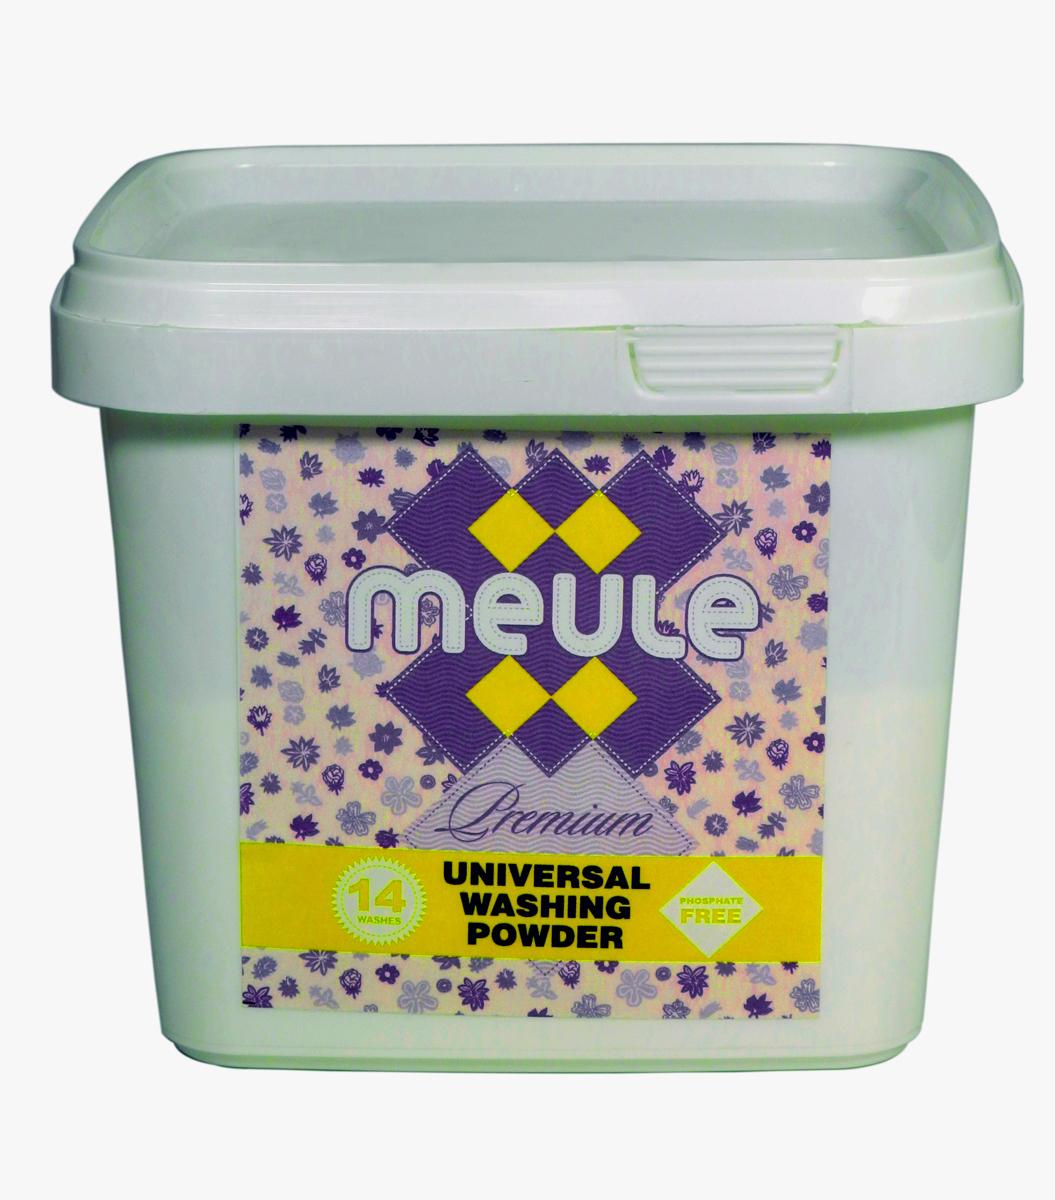 Порошок стиральный Meule, концентрат, 0,5 кг7290104930584MEULE Premium Universal Washing Powder 0,5 кг в пластиковом ведре(14 стирок). - Универсальный бесфосфатный концентрированный стиральный порошок, высокого качества. Подходит для всех типов стиральных машин.Для белых и цветных тканей, изделий из хлопка, льна и синтетики.Отстирывает пятна и загрязнения различного происхождения, сохраняя структуру ткани. Препятствует образованию ворсистости (катышков) на одежде. Работает в широком диапазоне температур (от 30 до 90С). Предотвращает образование накипи. Полностью выполаскивается.